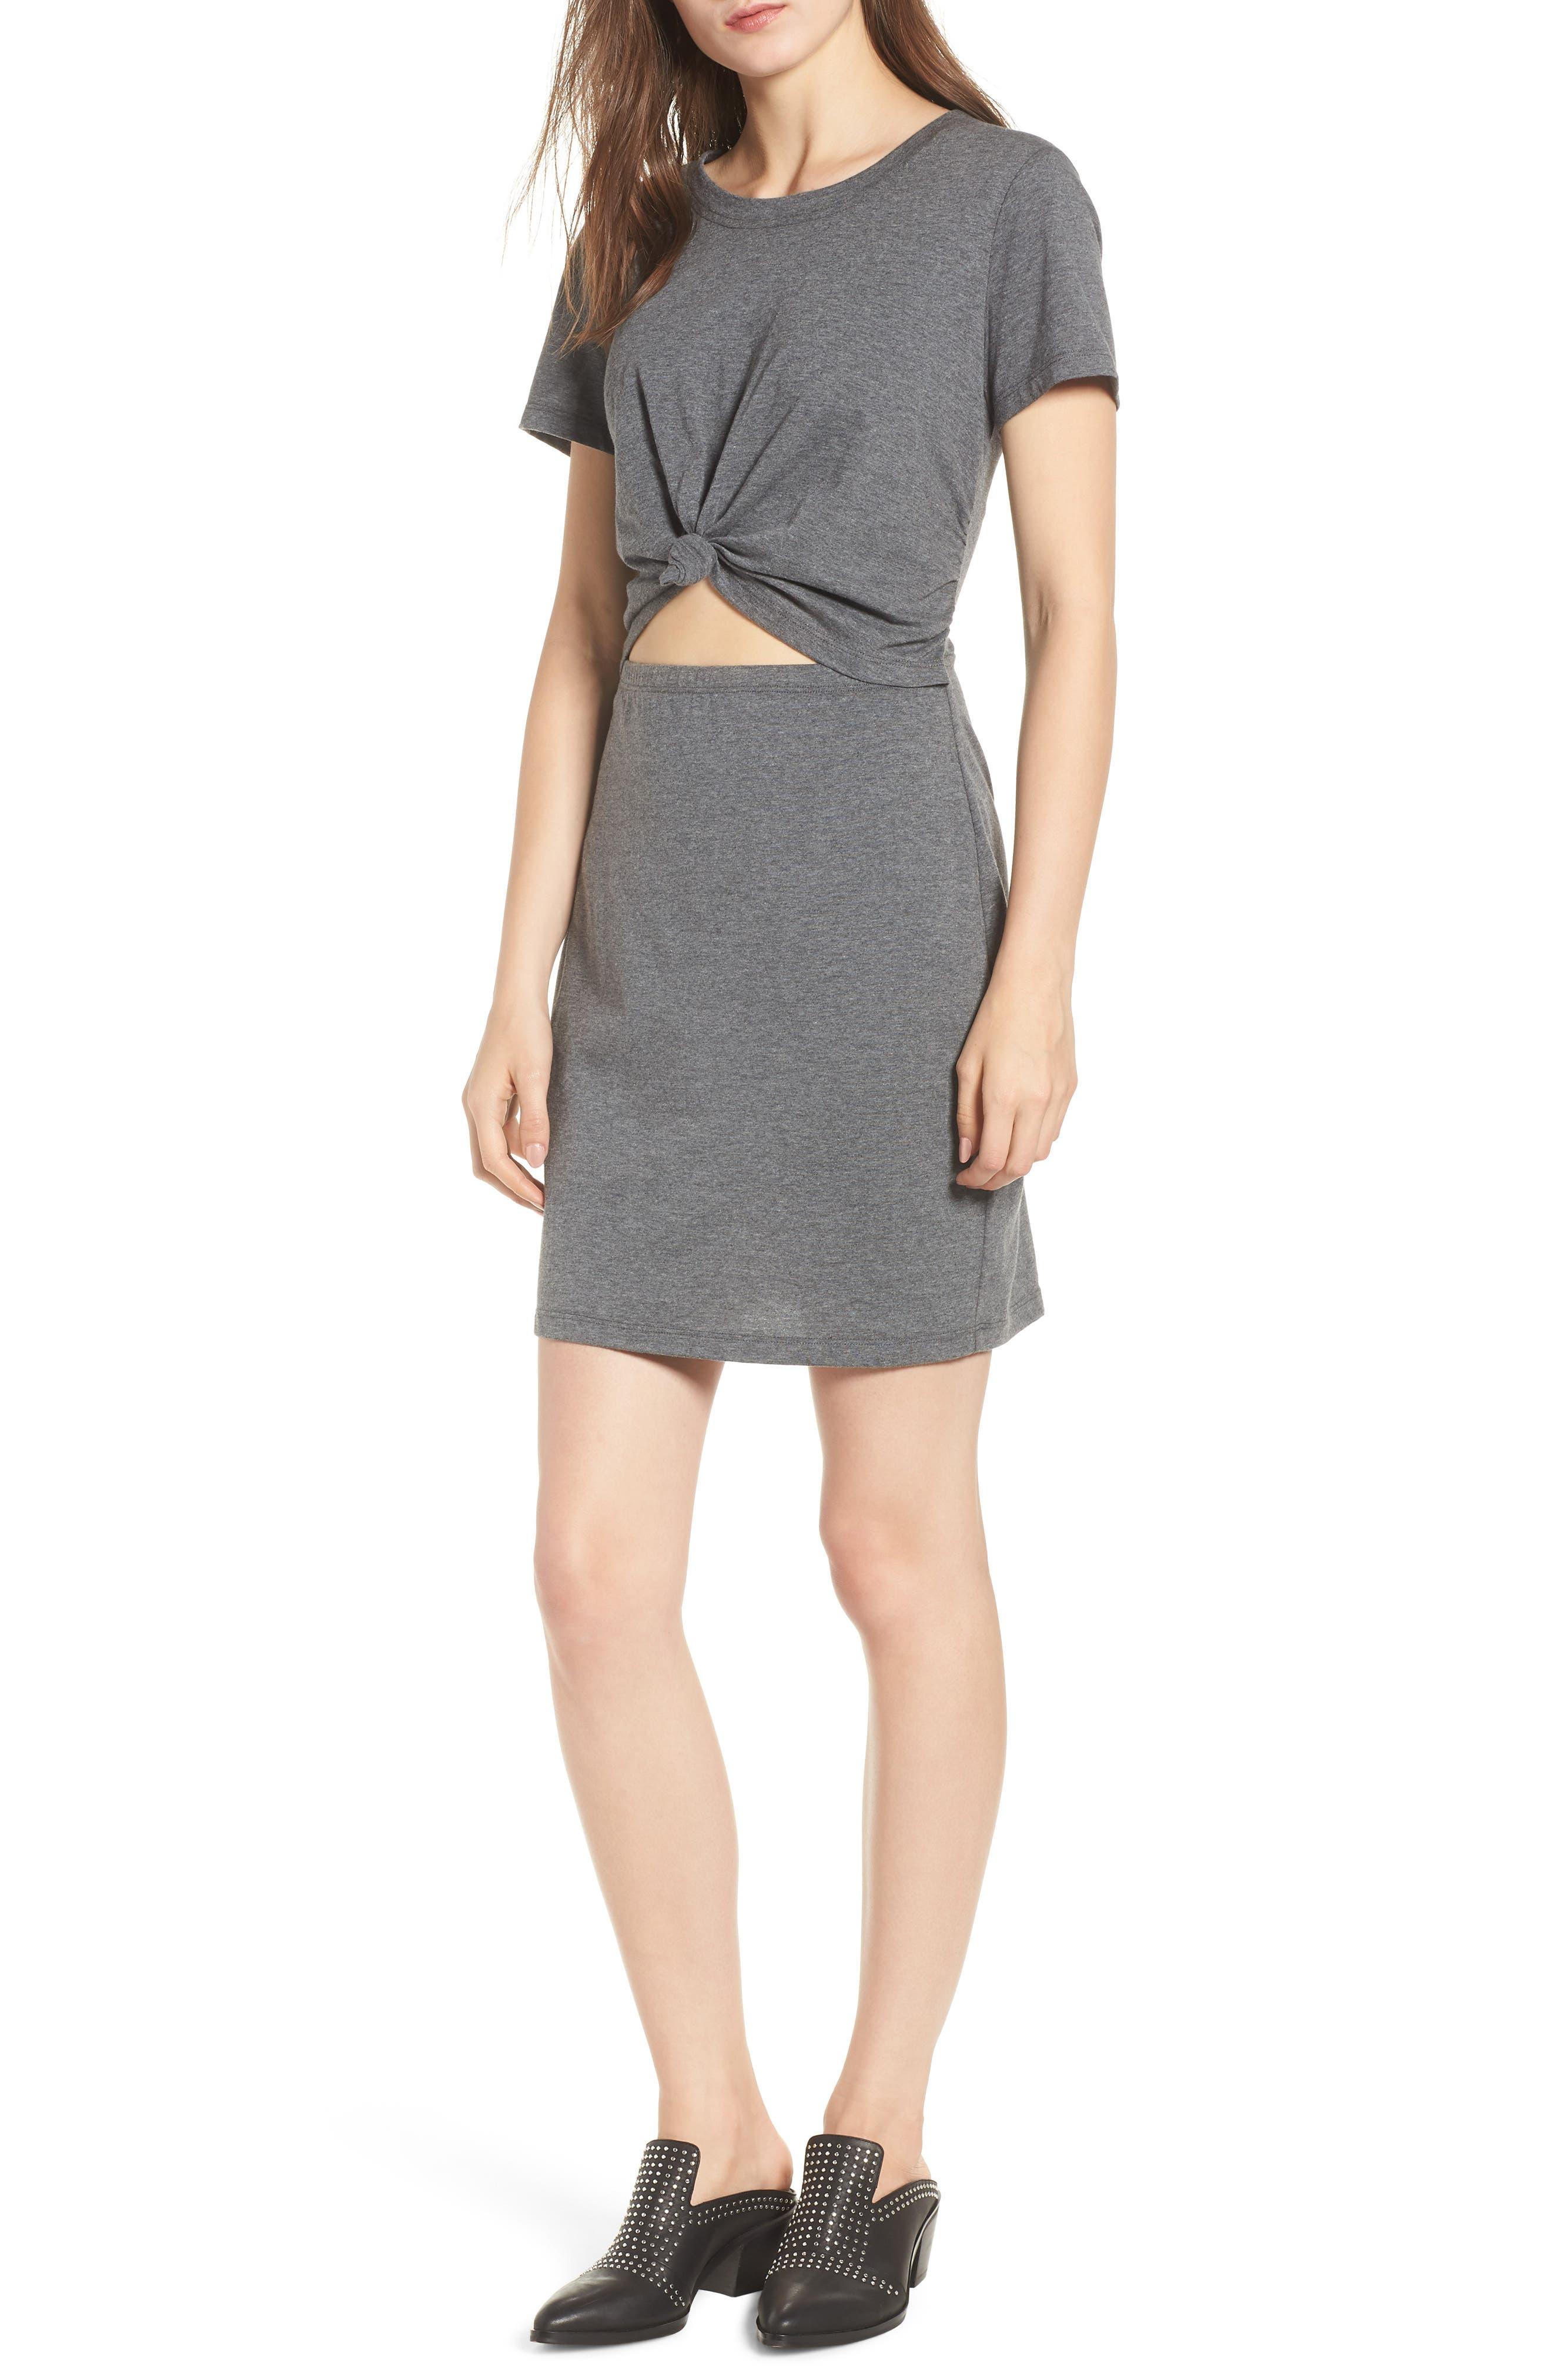 SOCIALITE Knot Front Cutout Dress, Main, color, 020